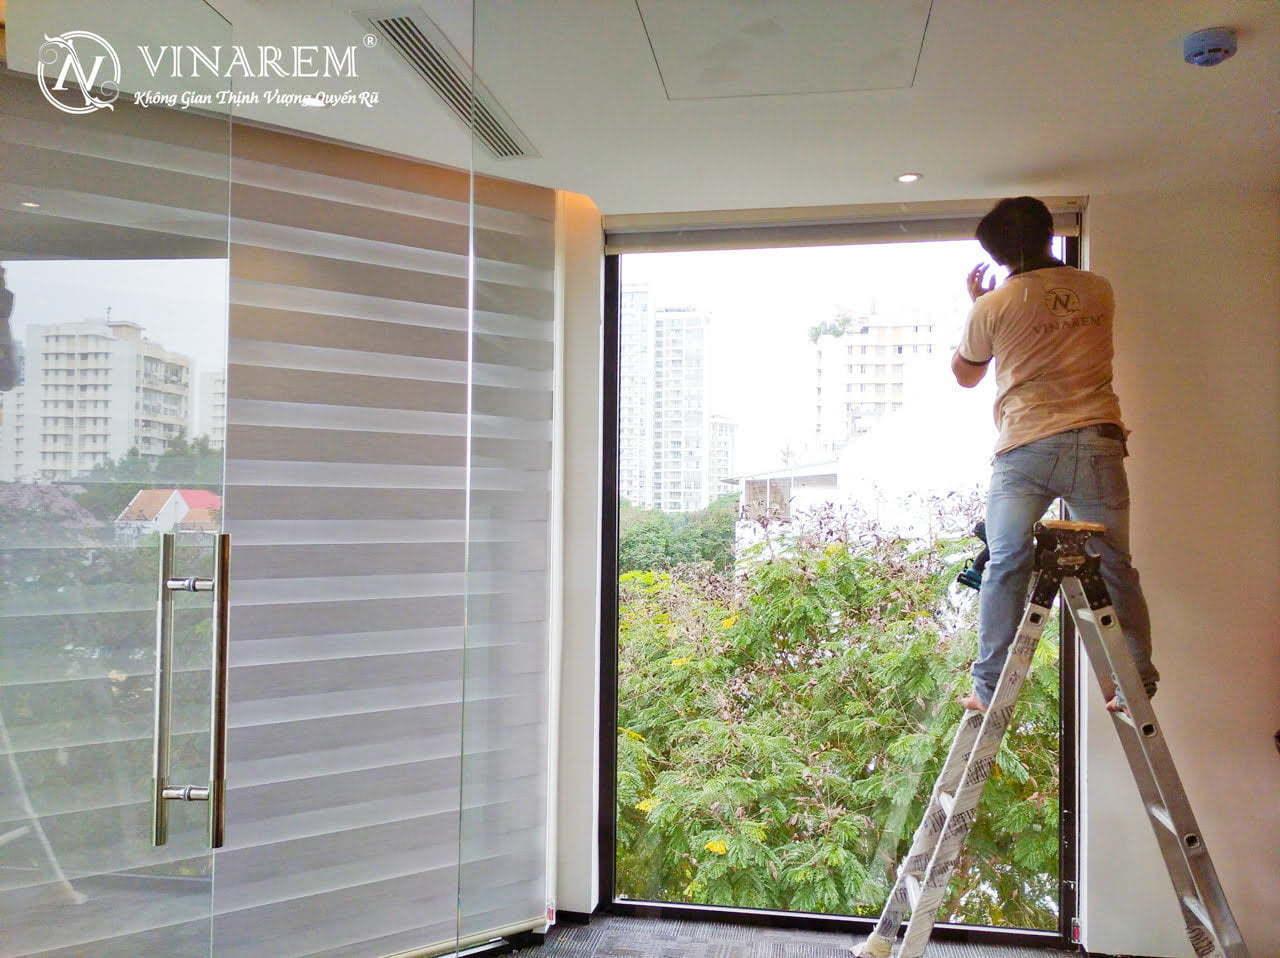 Rèm cầu vồng cao cấp cho không gian văn phòng công sở | Vinarem